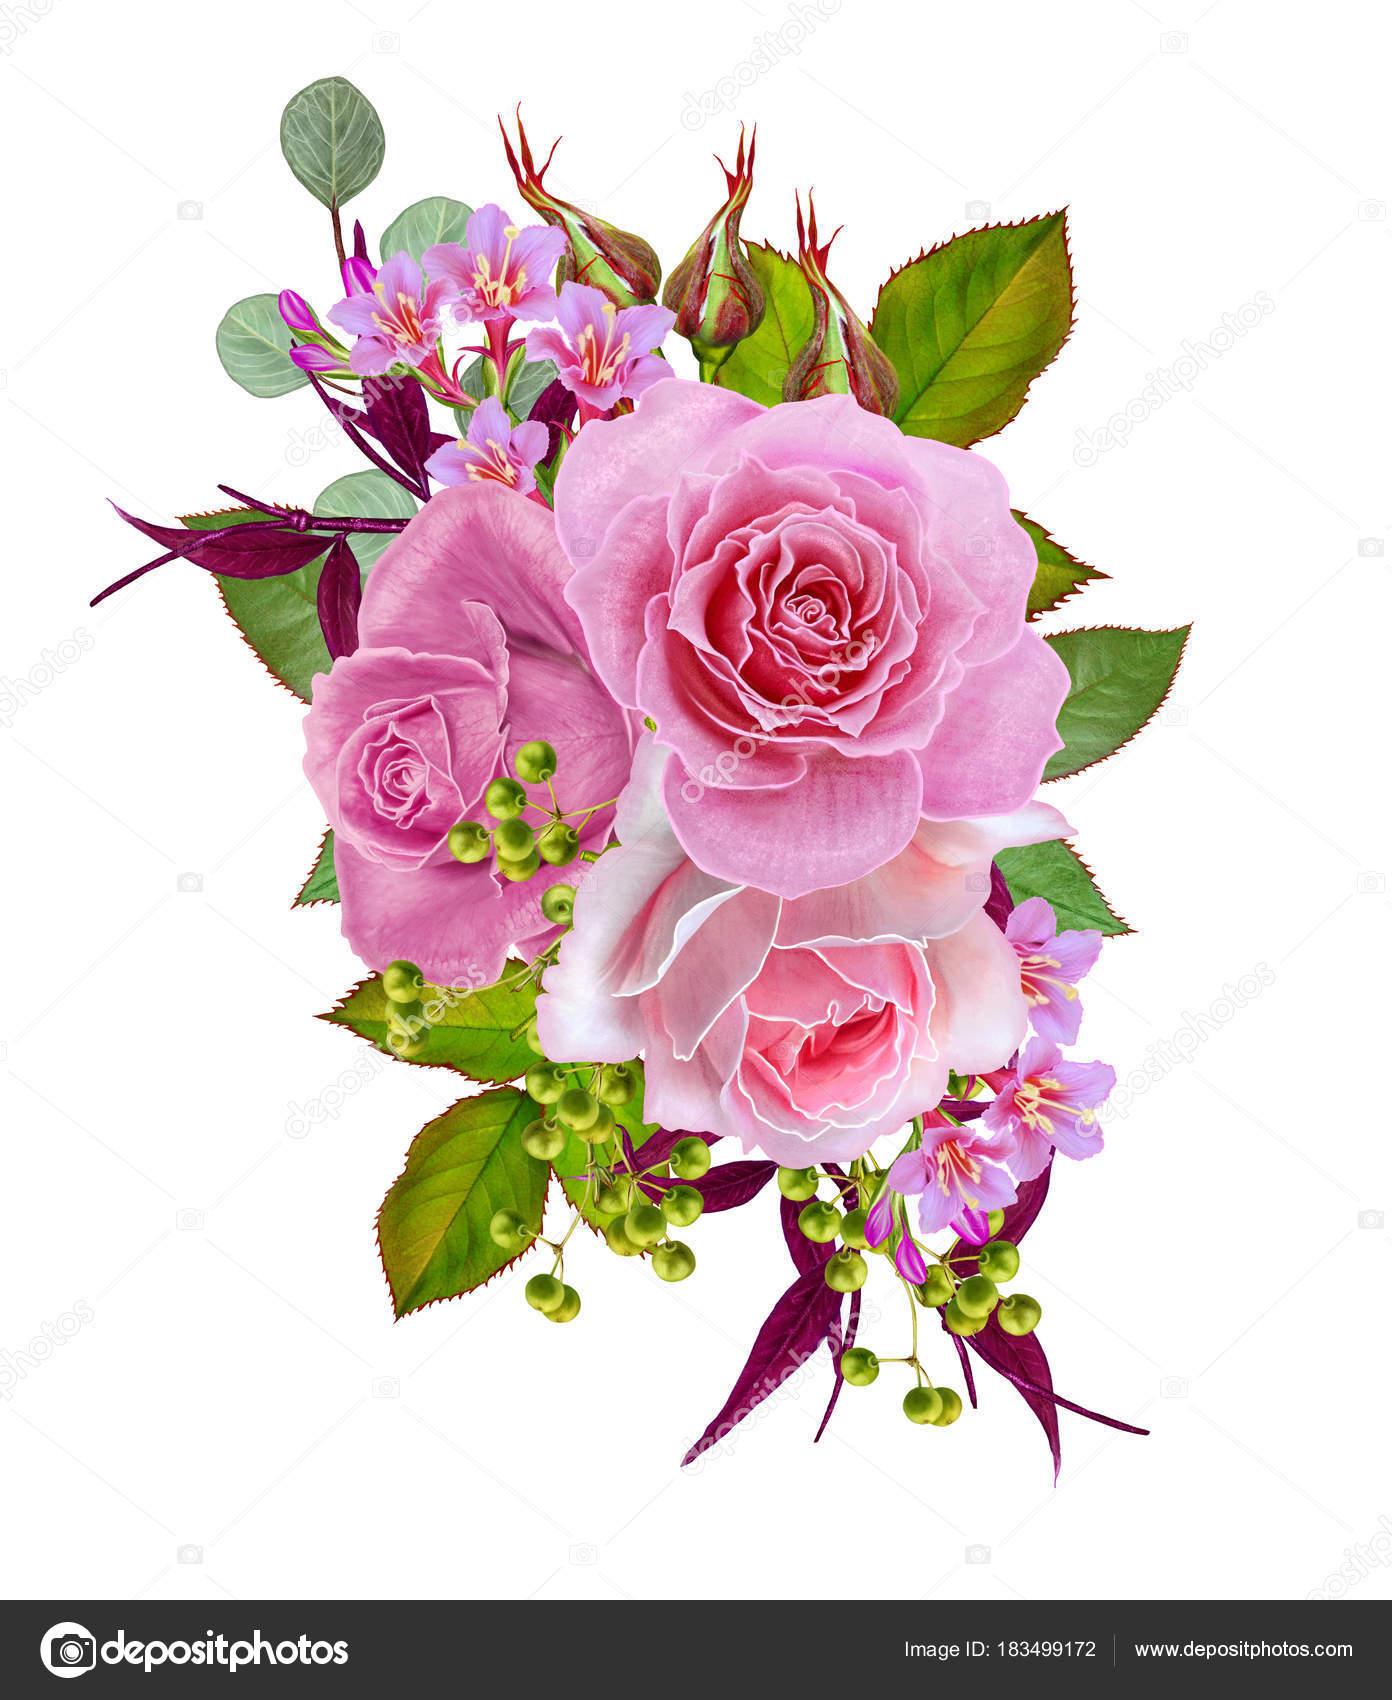 Открытка с благодарностью цветы и ягоды в букете 71